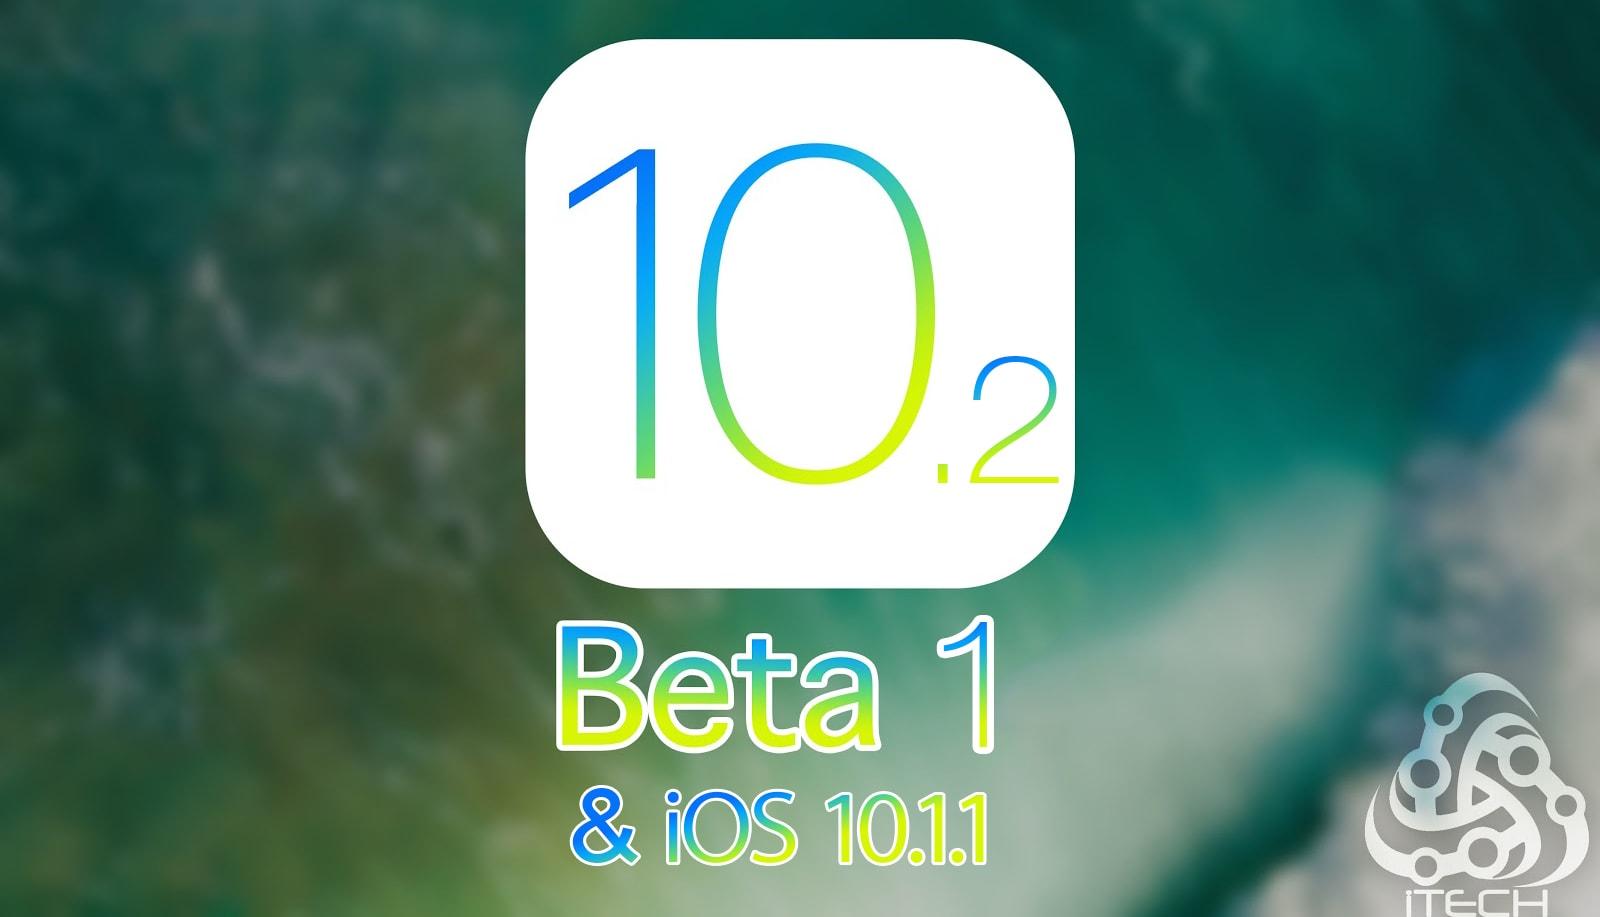 آبل تطلق iOS 10.1.1 و iOS 10.2 بيتا 1 للمطورين